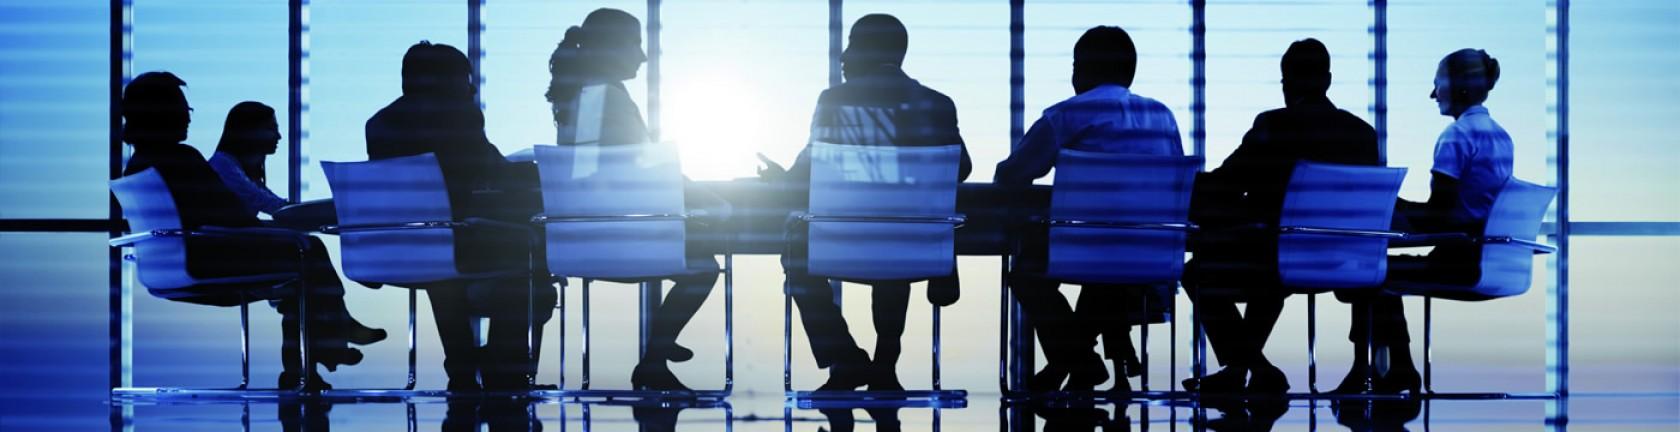 Actualités et vidéos - MBA Communication Publique & Influence EFAP Bordeaux